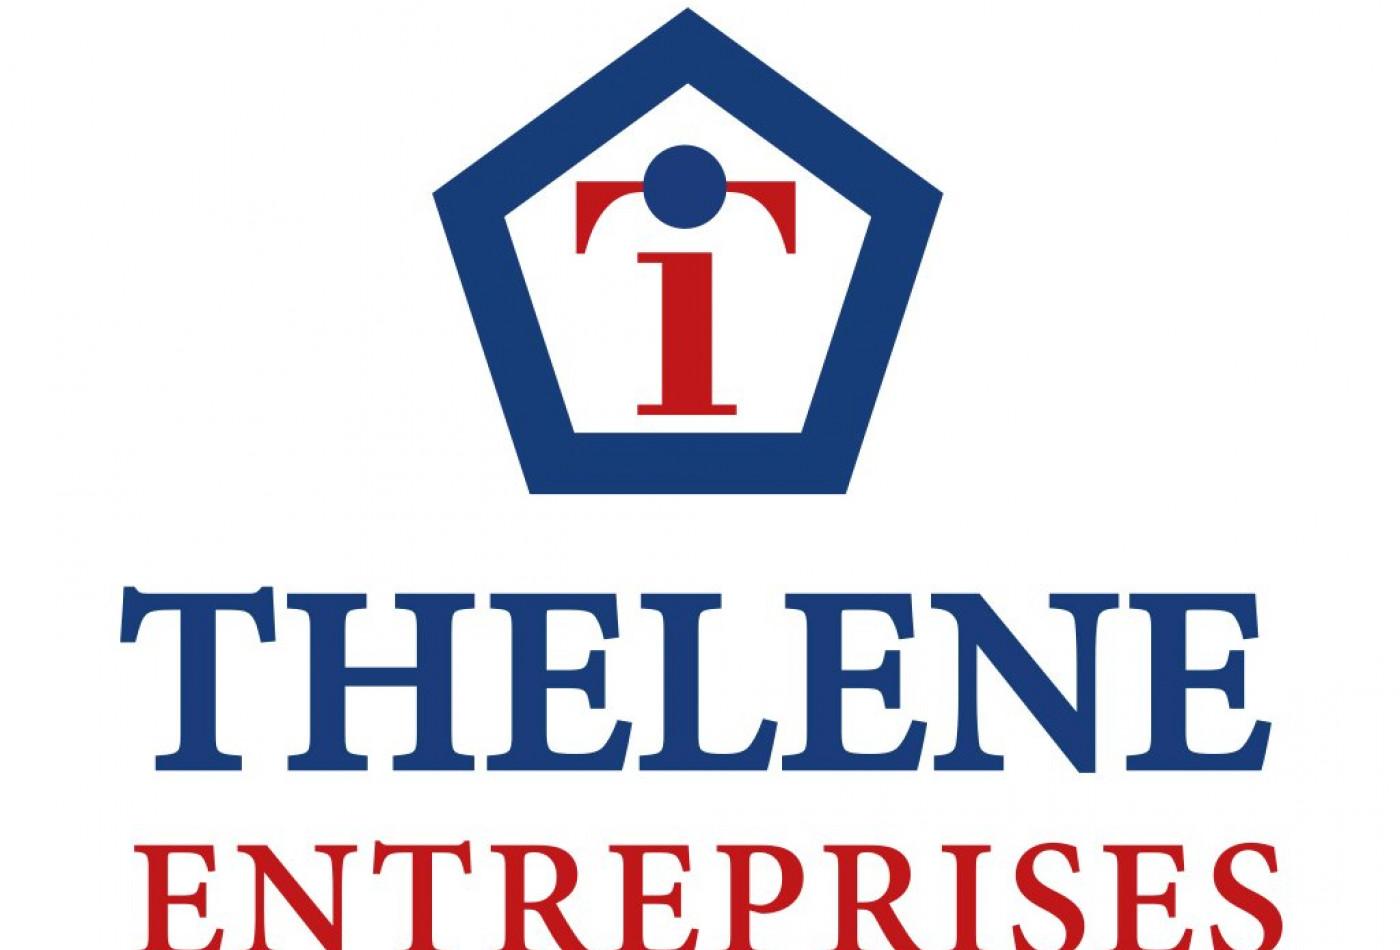 A vendre  Montpellier | Réf 3448216632 - Immobilier entreprises